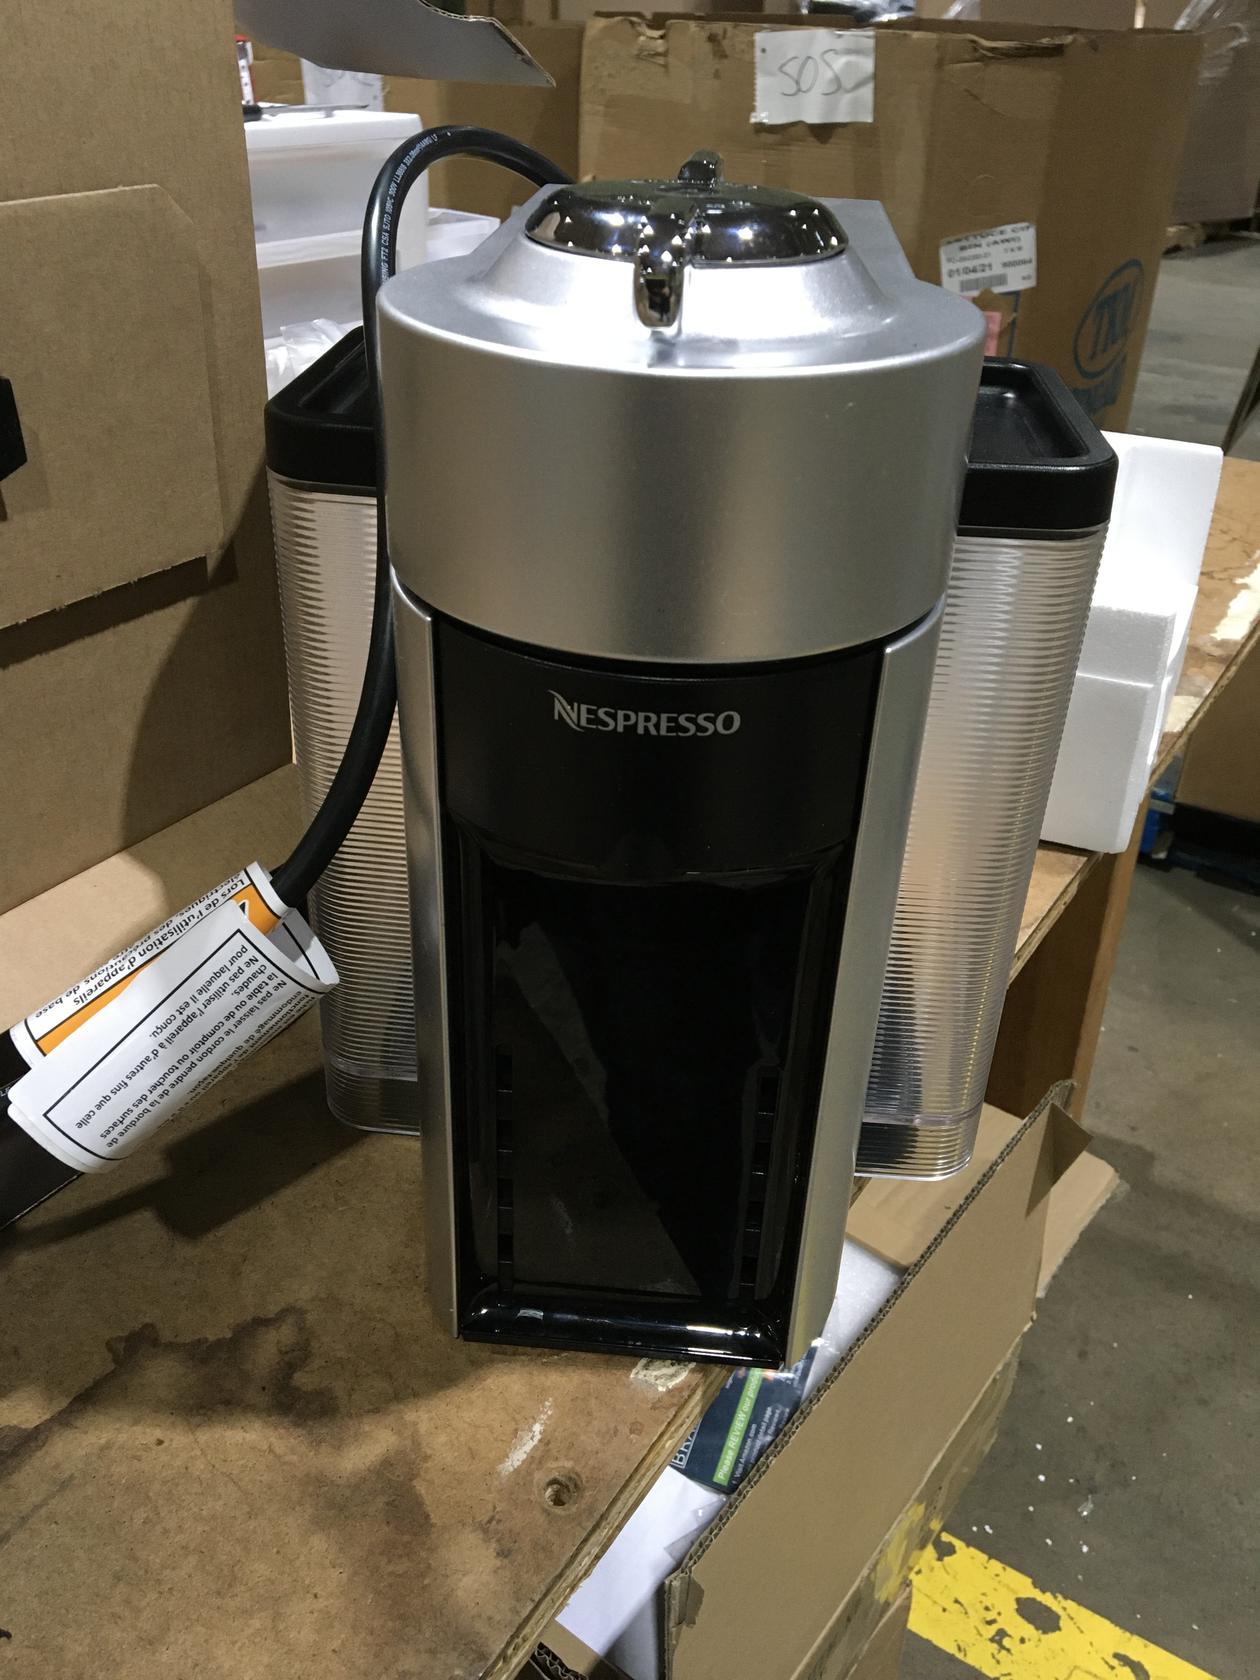 Nespresso Vertuo Evoluo Coffee and Espresso Machine by De'Longhi, Silver